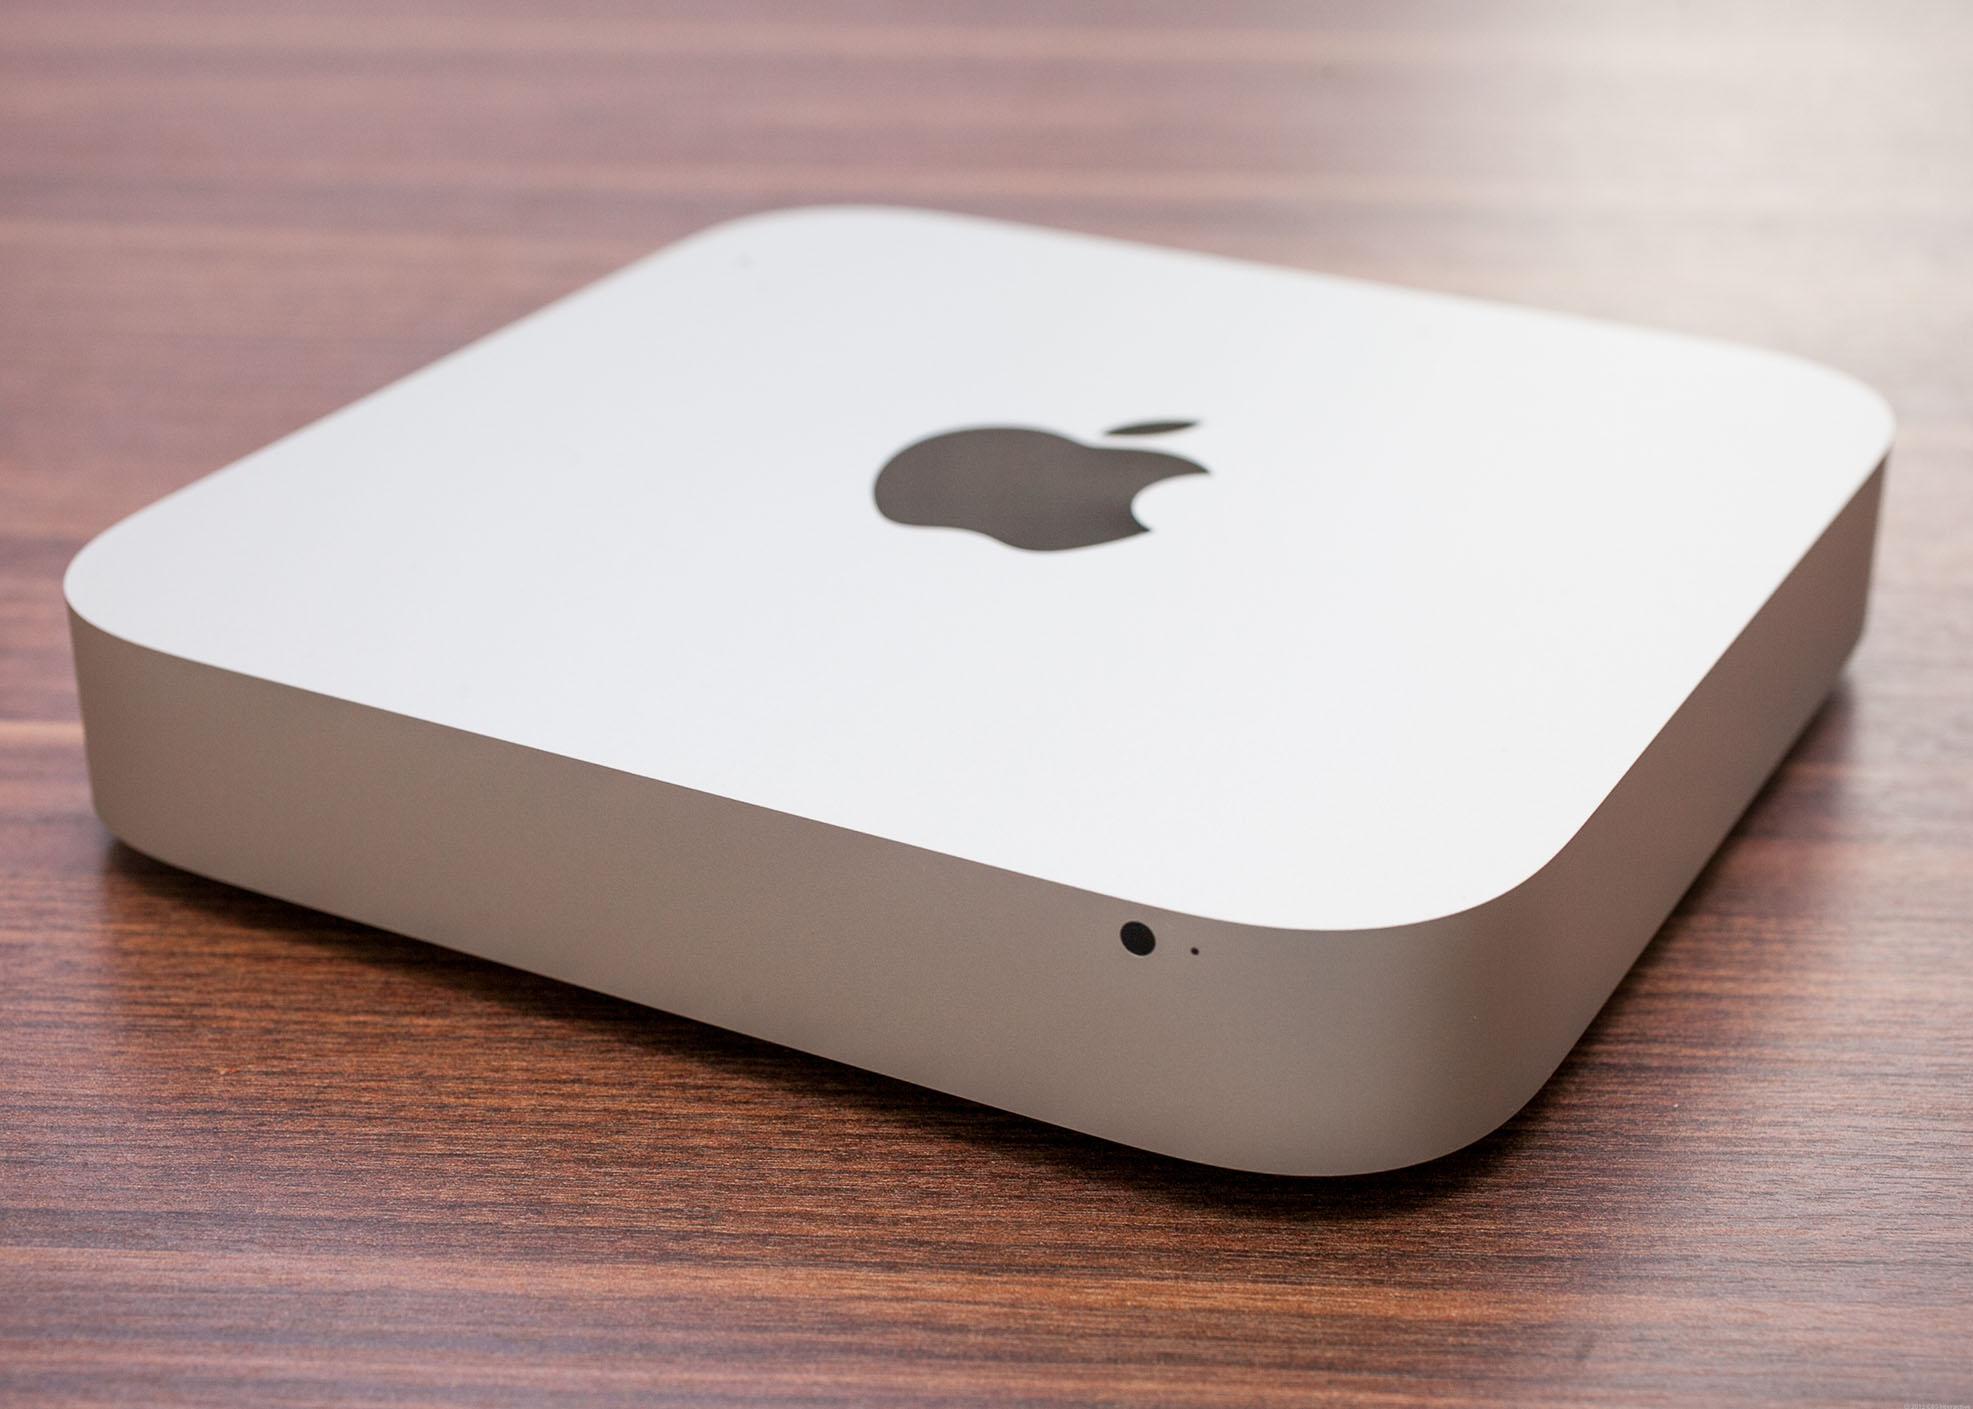 Les nouveaux iPad et iMac annoncés mi-octobre ?